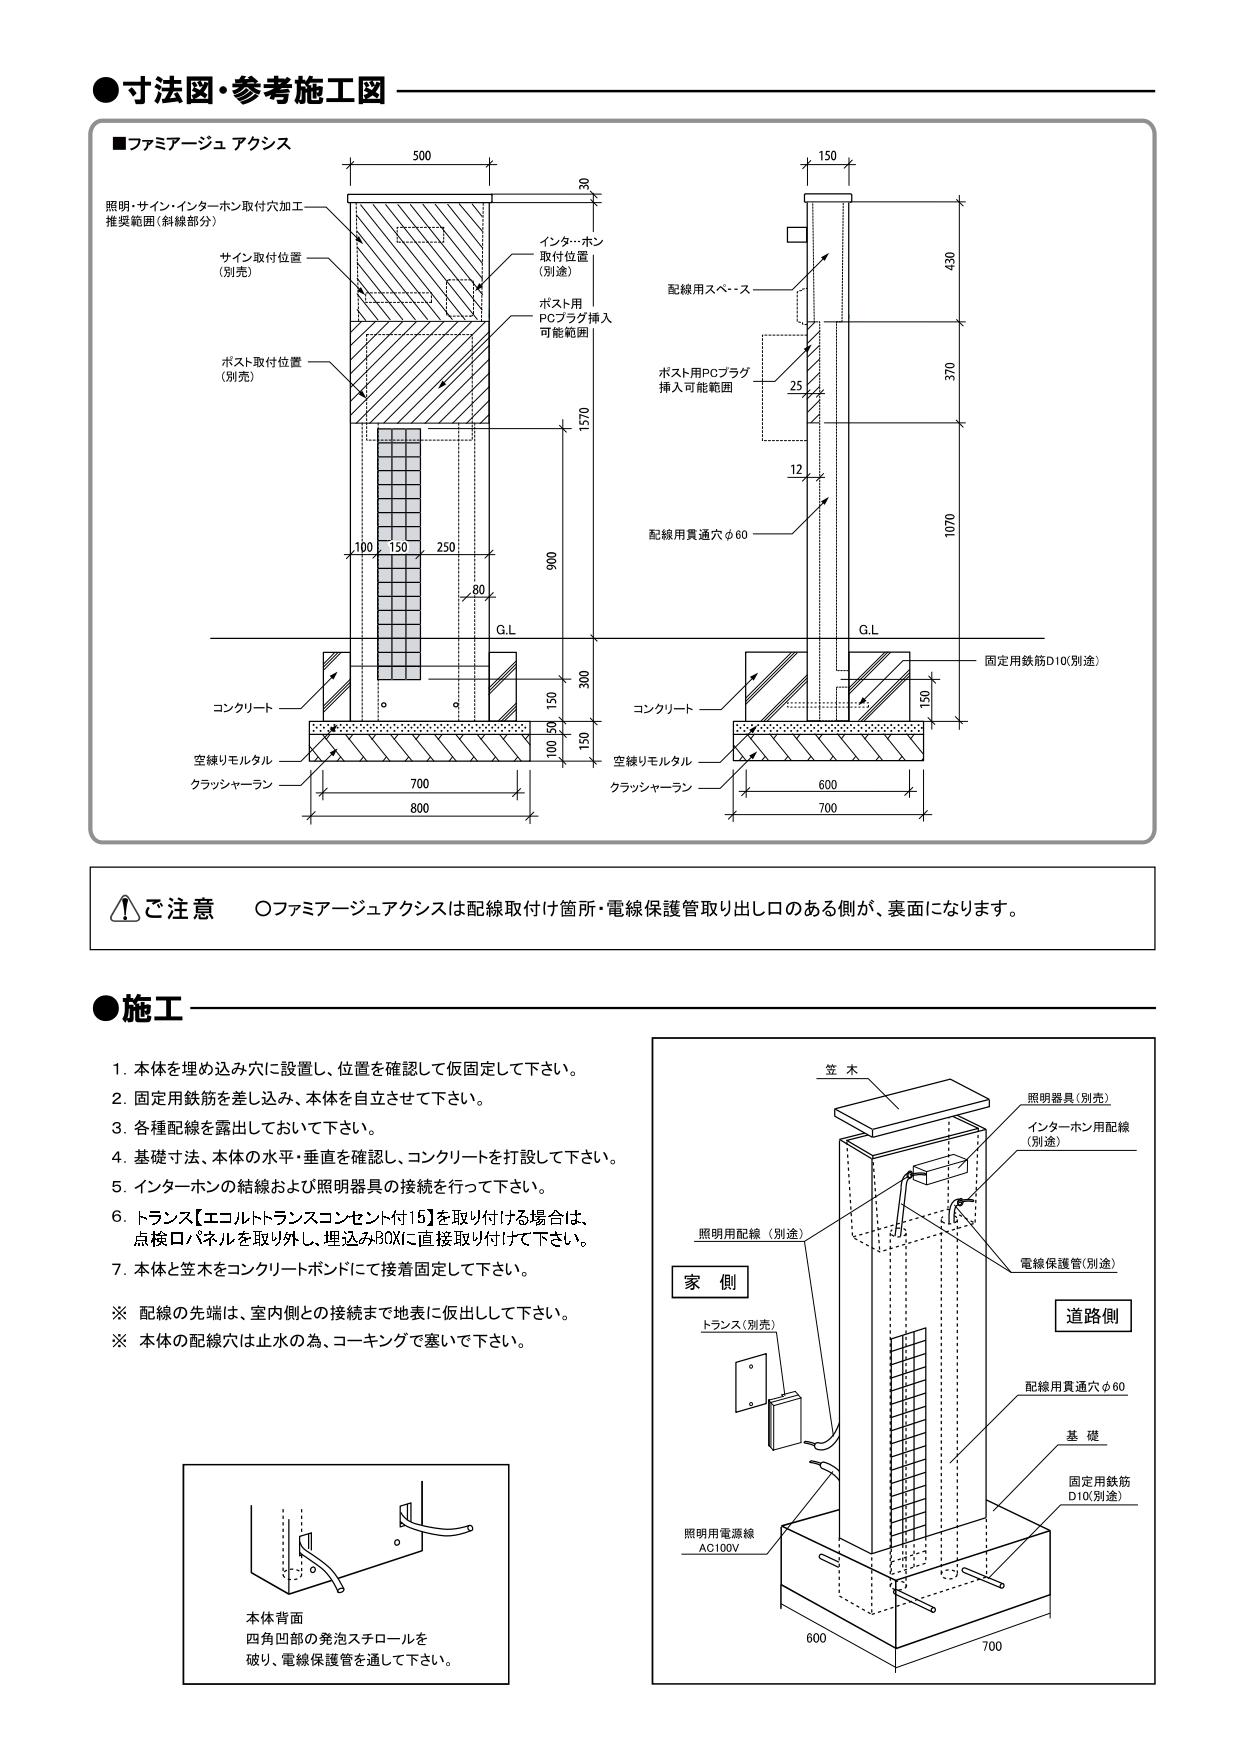 ファミアージュアクシス_取扱説明書_page-0002